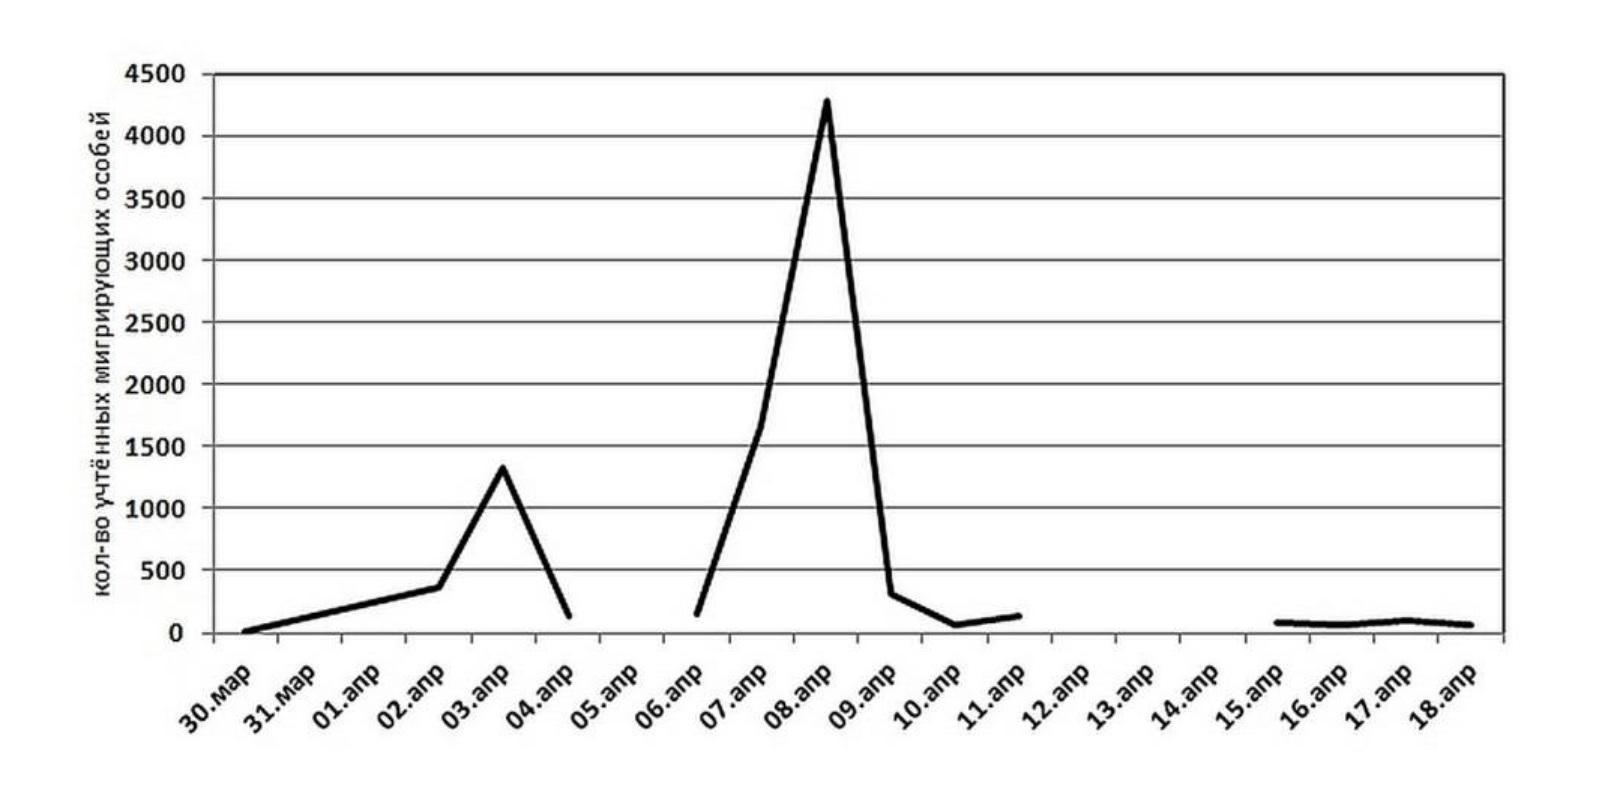 Рисунок 1 - Динамика миграции гусей (белолобого гуся Anser albifrons, гуменника Anser fabalis, серого гуся Anser anser) на примере весенней миграции 2006 г.